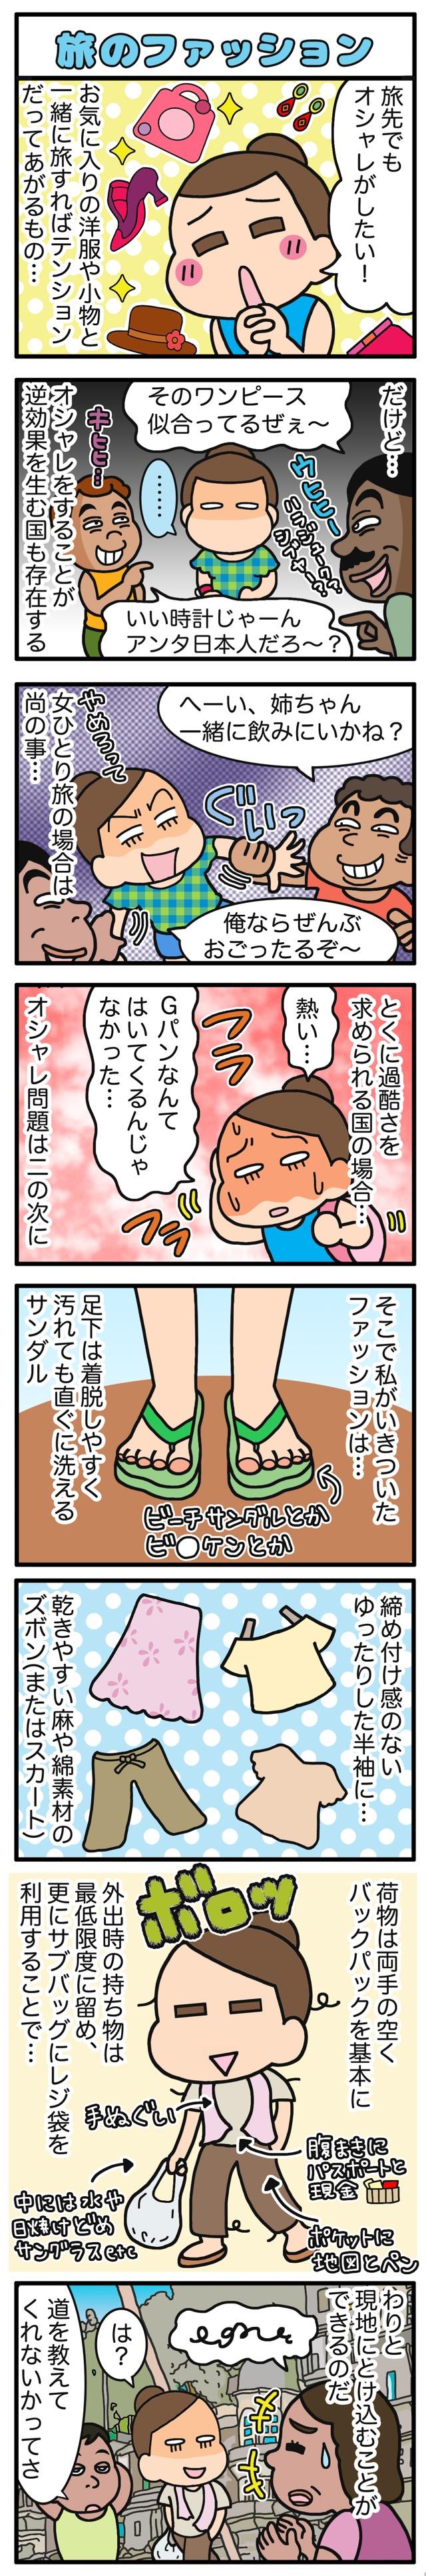 【旅ある漫画】第1話「旅のファッション」